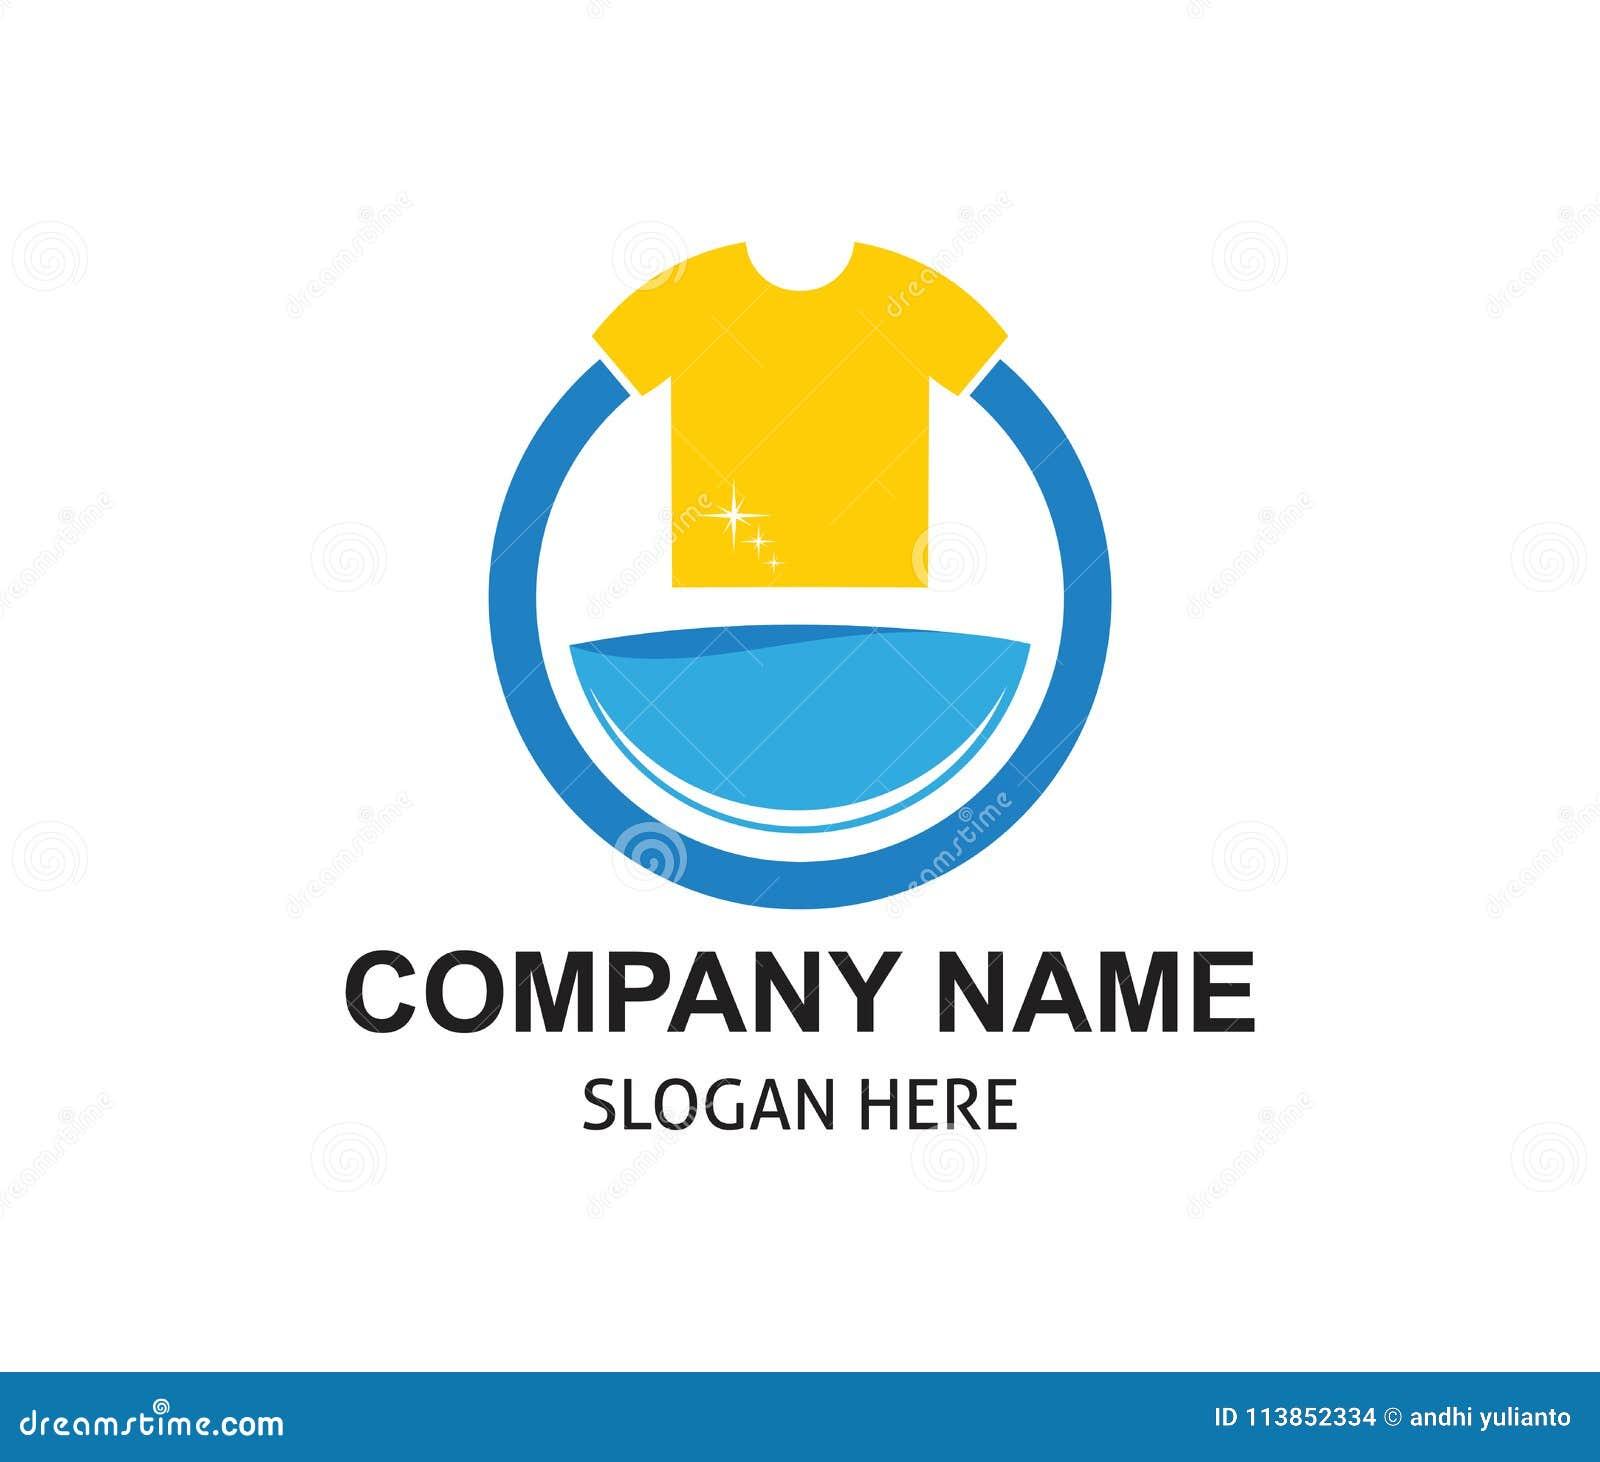 быстрый и чистый дизайн логотипа прачечной